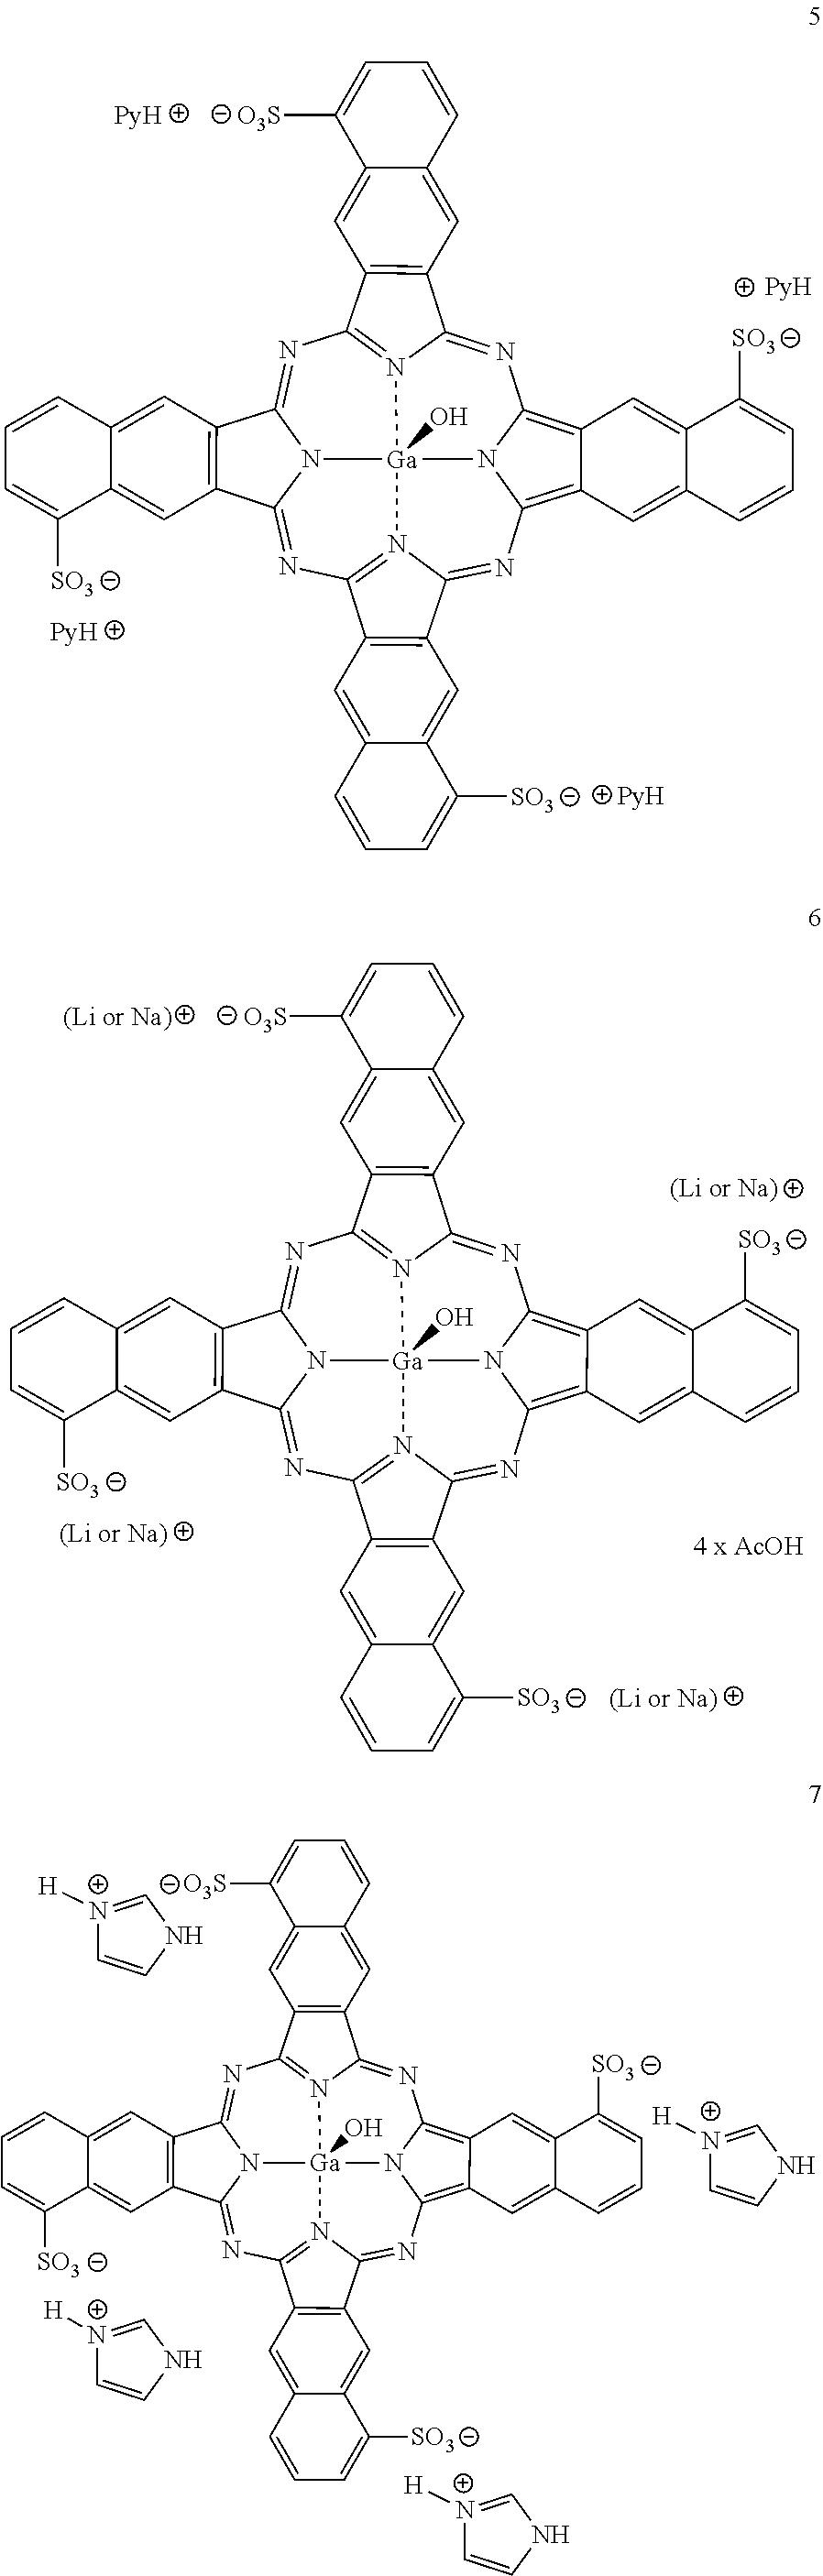 Figure US20110069127A1-20110324-C00007